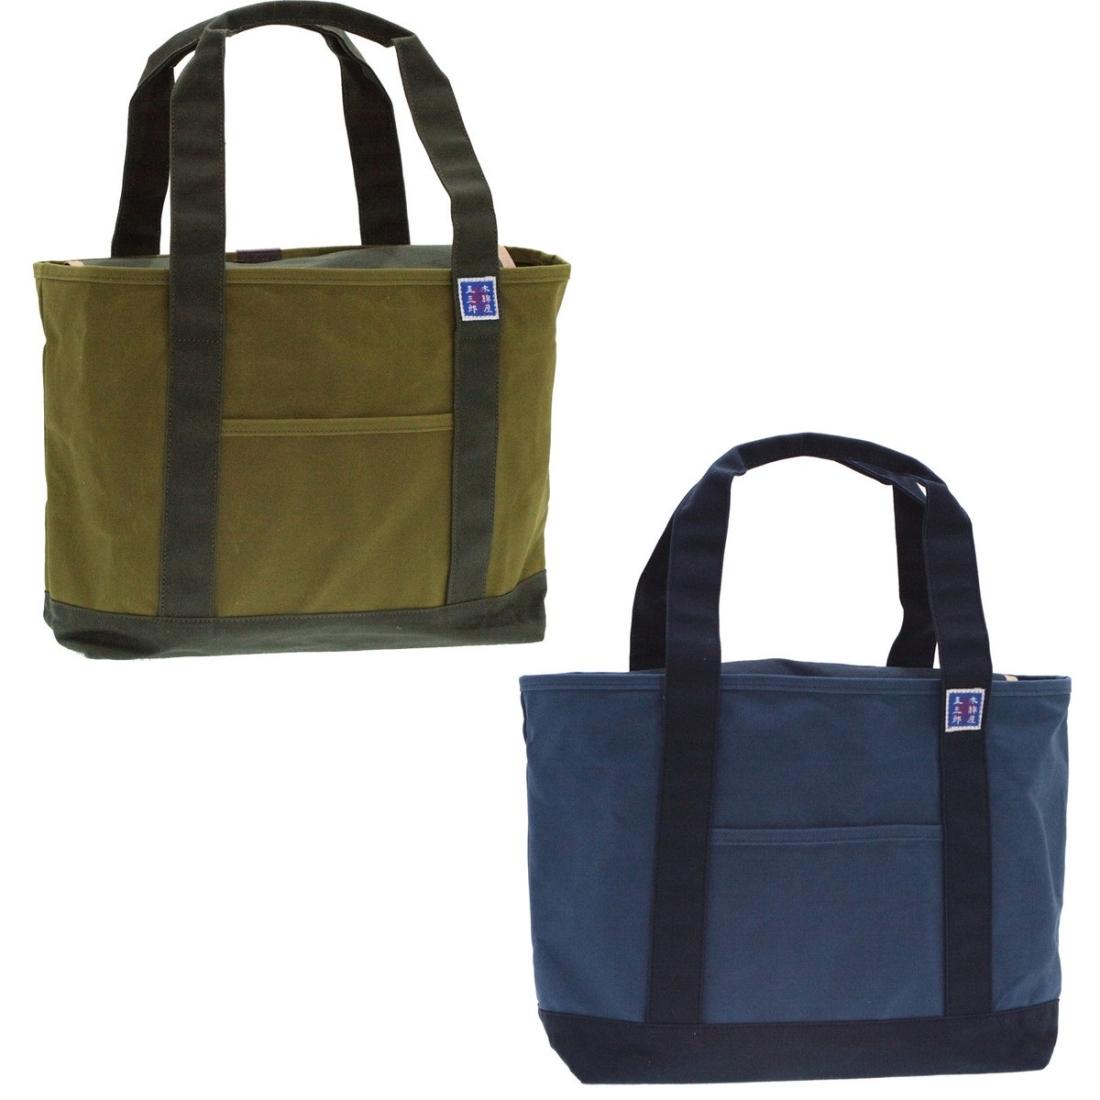 おしゃれ デザイン 日本 帆布 かばん 鞄 蓋 内蓋付き帆布鞄小 緑 日本製